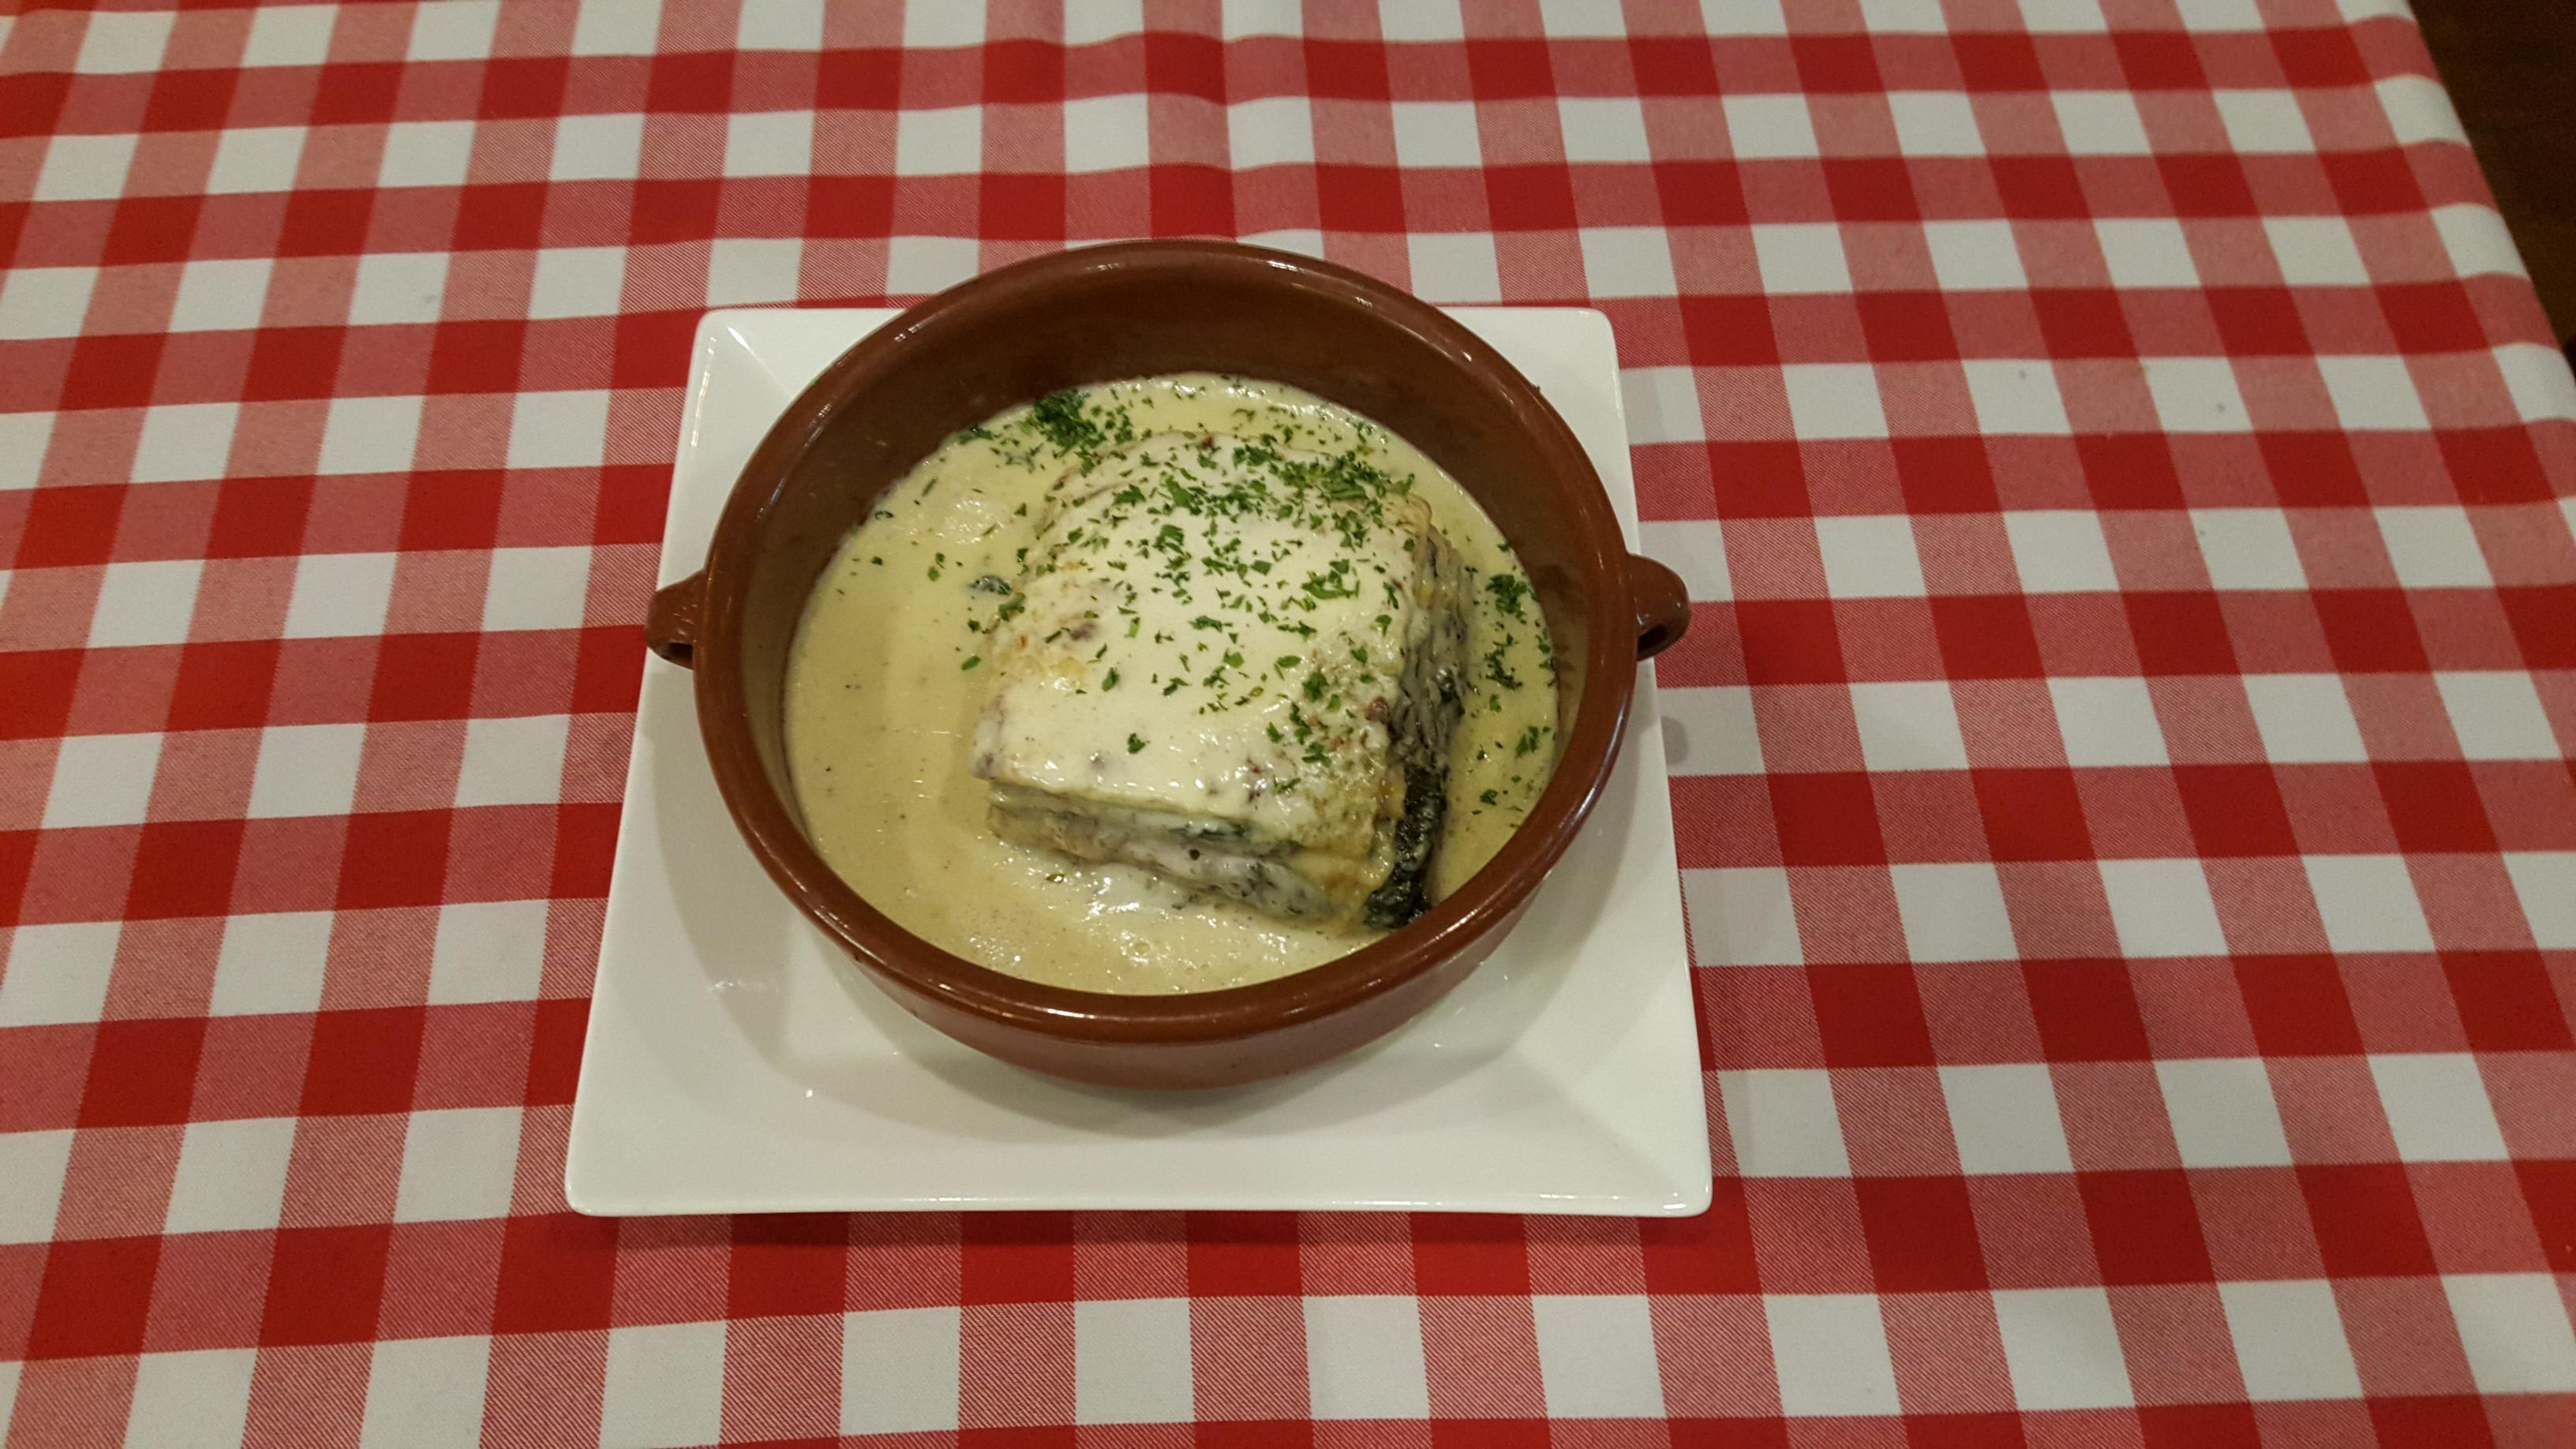 Lasagna Vegetariana at Pazzo Pomodoro